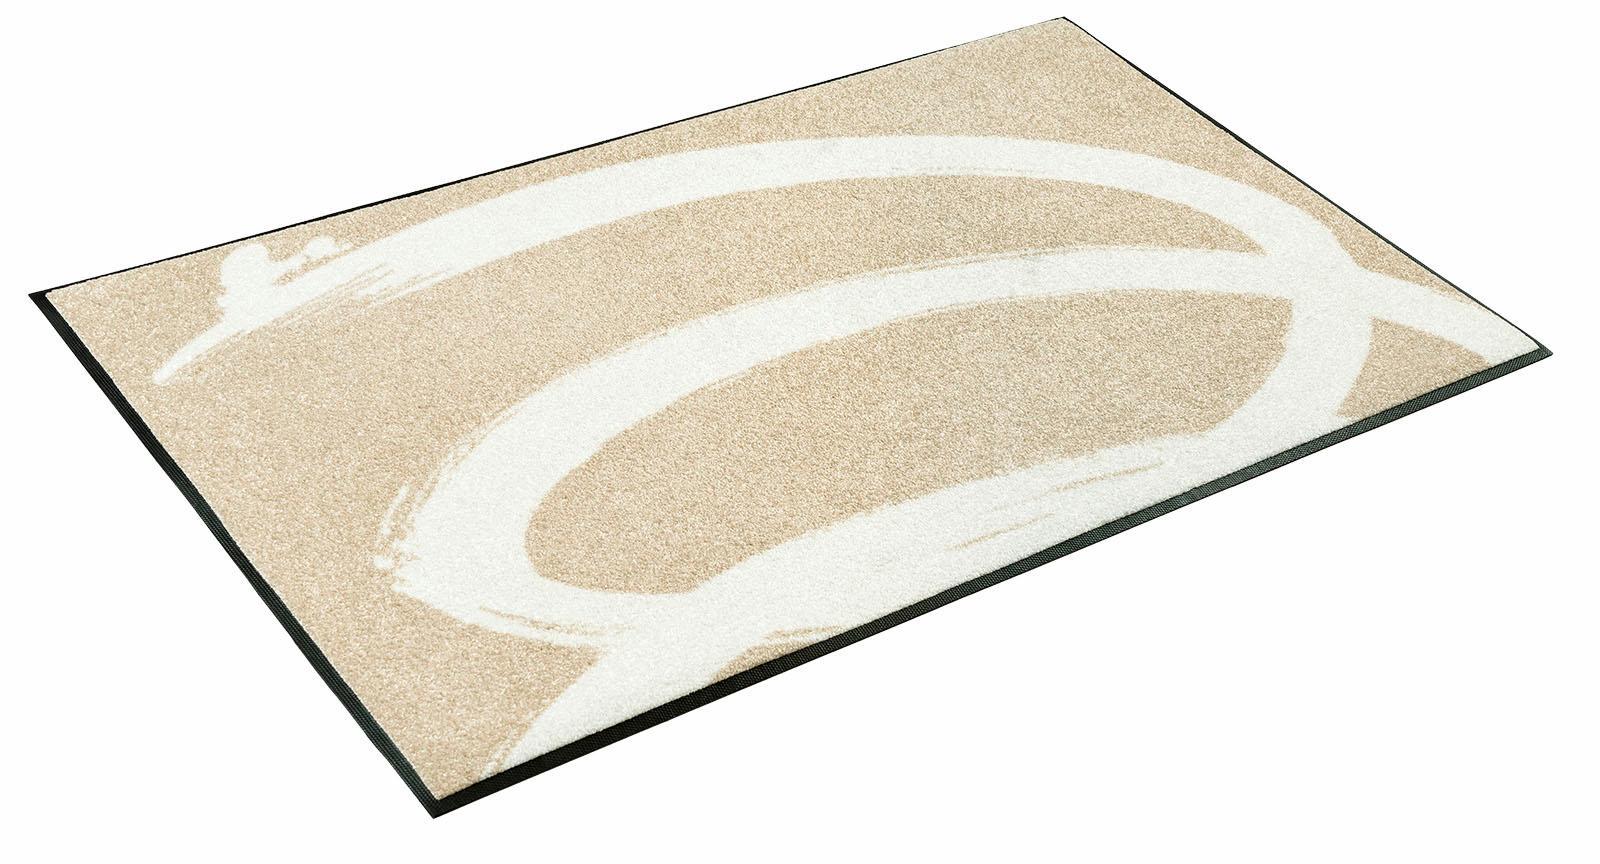 Läufer Basic Twist wash+dry by Kleen-Tex rechteckig Höhe 7 mm gedruckt